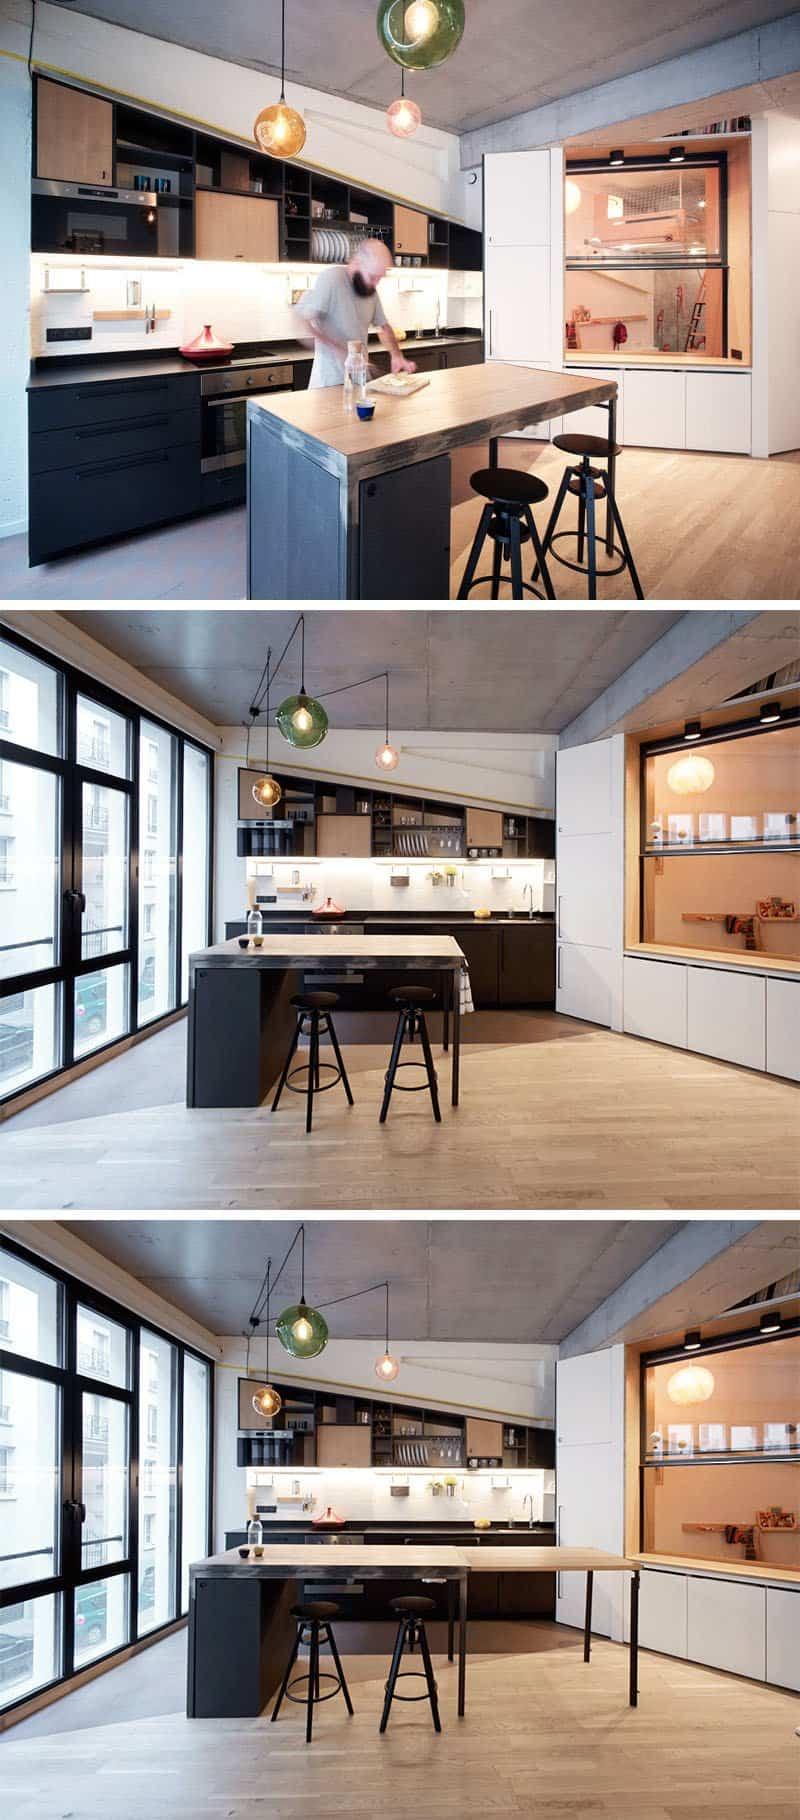 soluciones creativas espacios 3